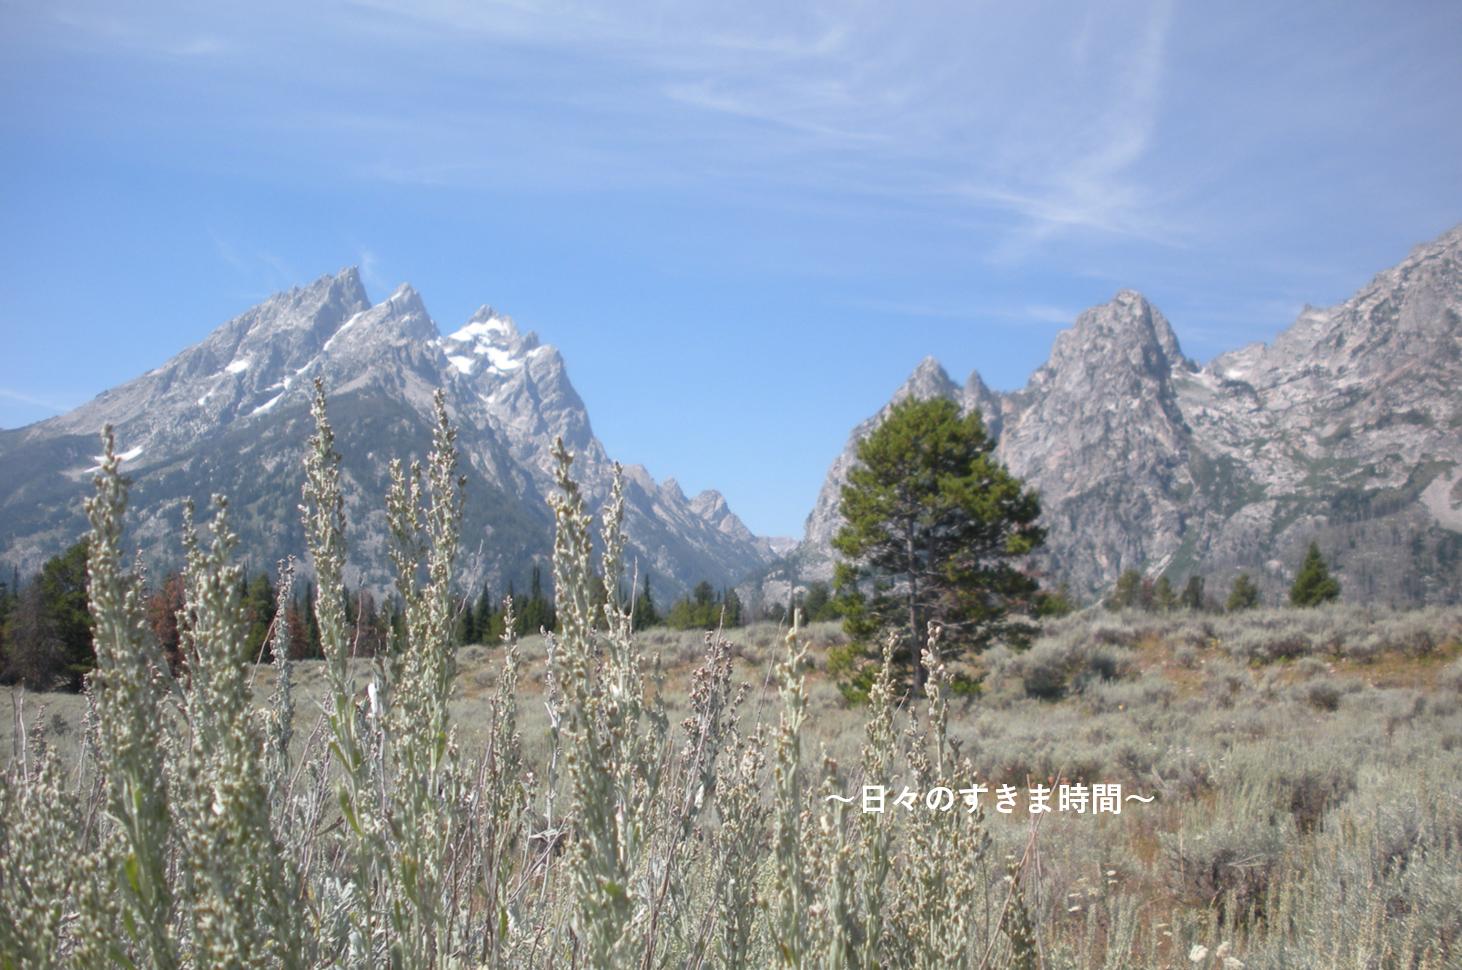 グランドティトン国立公園の景色